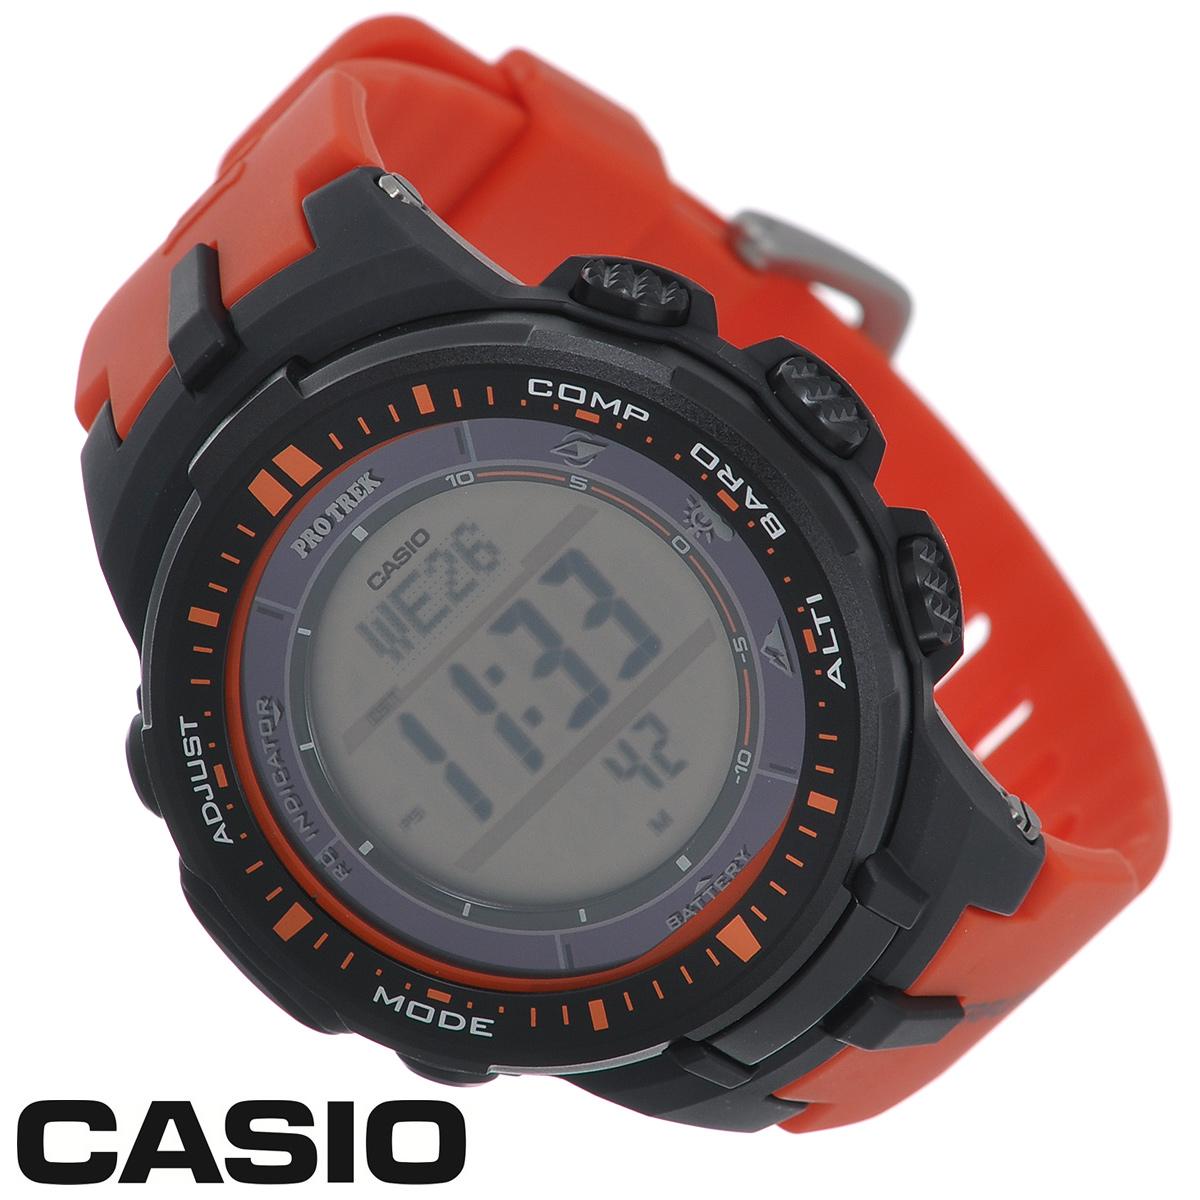 Часы мужские наручные Casio Protrek, цвет: оранжевый, темно-серый. PRW-3000-4EPRW-3000-4EСтильные кварцевые часы Protrek от японского брэнда Casio - это яркий функциональный аксессуар для современных людей, которые стремятся выделиться из толпы и подчеркнуть свою индивидуальность. Часы выполнены в спортивном стиле. Корпус выполнен из пластика и металлических элементов. Циферблат подсвечивается светодиодом, при недостаточном освещении во время поворота запястья в сторону лица подсветка включается автоматически. Ремешок из пластика имеет классическую застежку. Основные функции: - 5 будильников, один с функцией Snooze, ежечасный сигнал; - автоматический календарь (число, день недели, месяц, год); - секундомер с точностью показаний 1/10 с и временем измерения 1000 ч; - мировое время; - таймер обратного отсчета от 1 мин до 24 ч; - 12-ти и 24-х часовой формат времени; - встроенный цифровой компас; - функция автоматического сохранения энергии; - высотомер -...